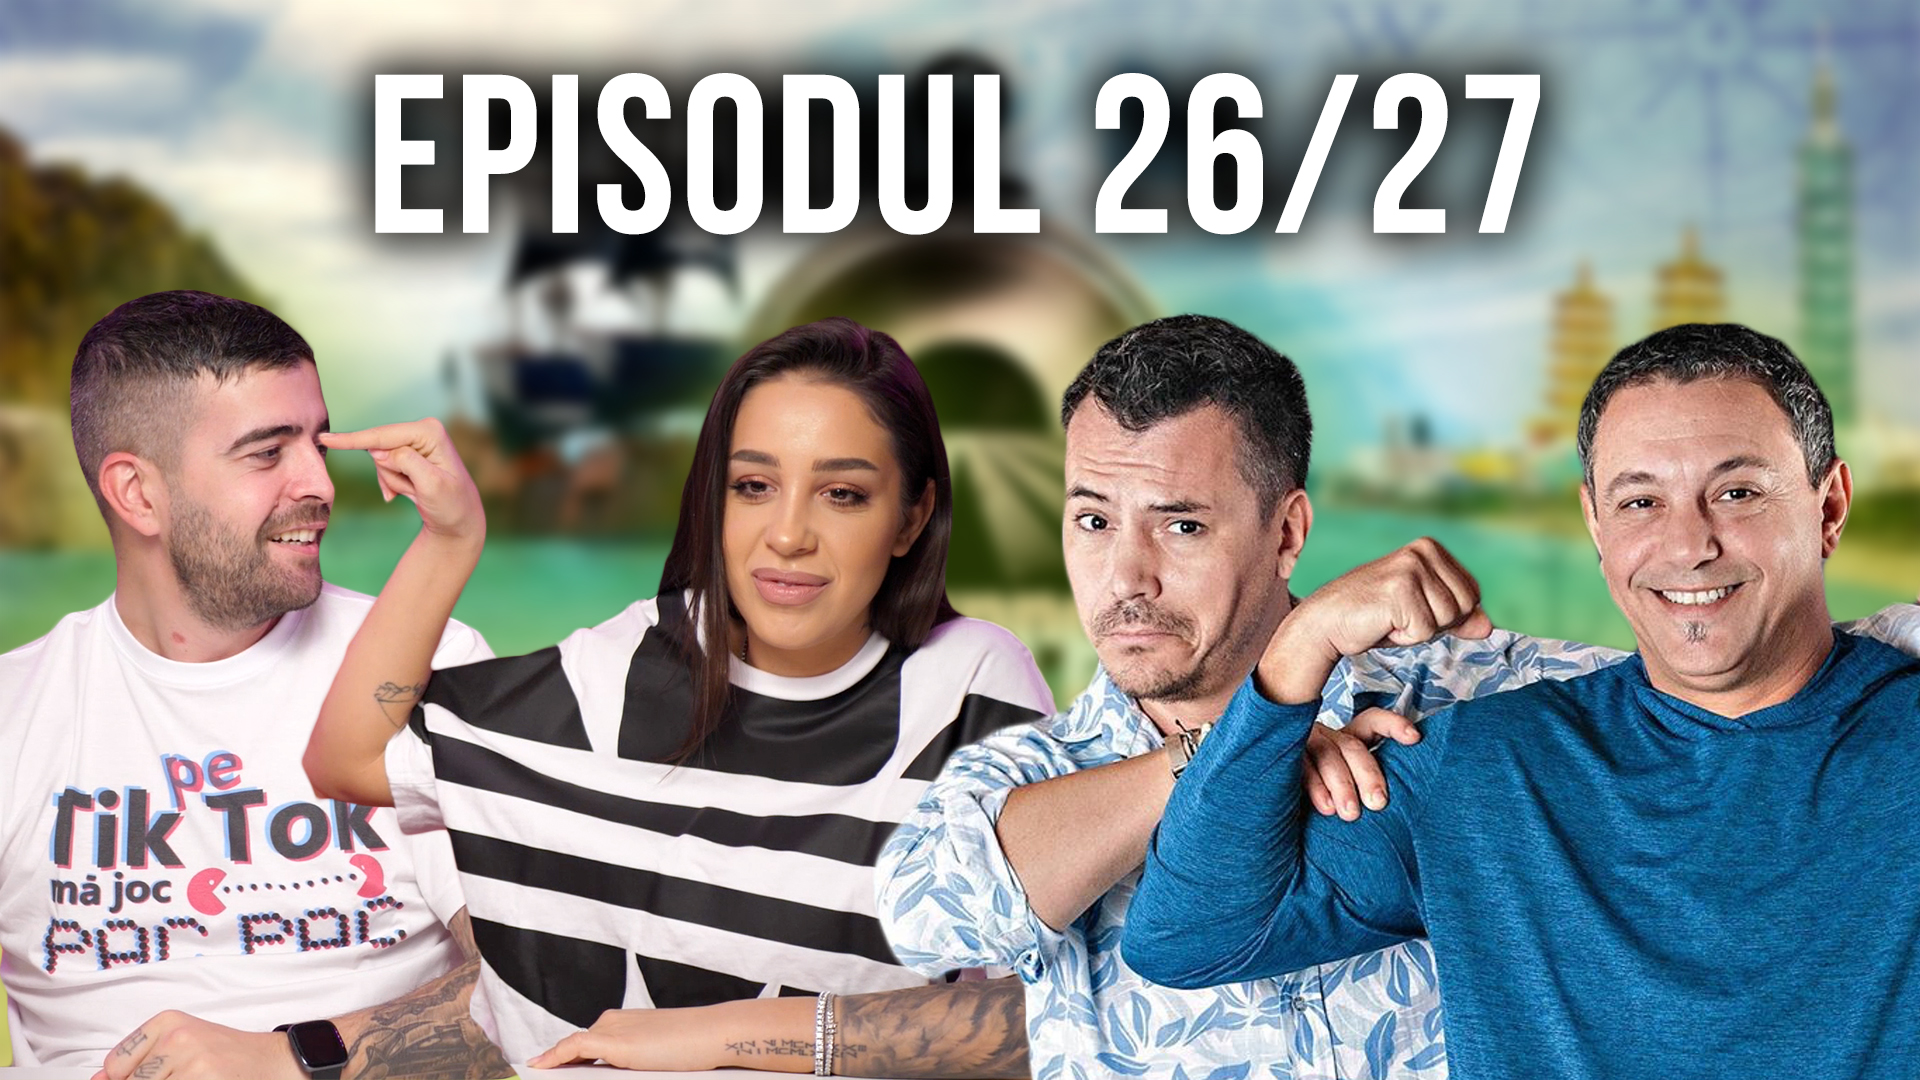 DE SPEAK Firu-n Patru - Episodul 26 și 27 cu Răzvan Fodor și Sorin Bontea